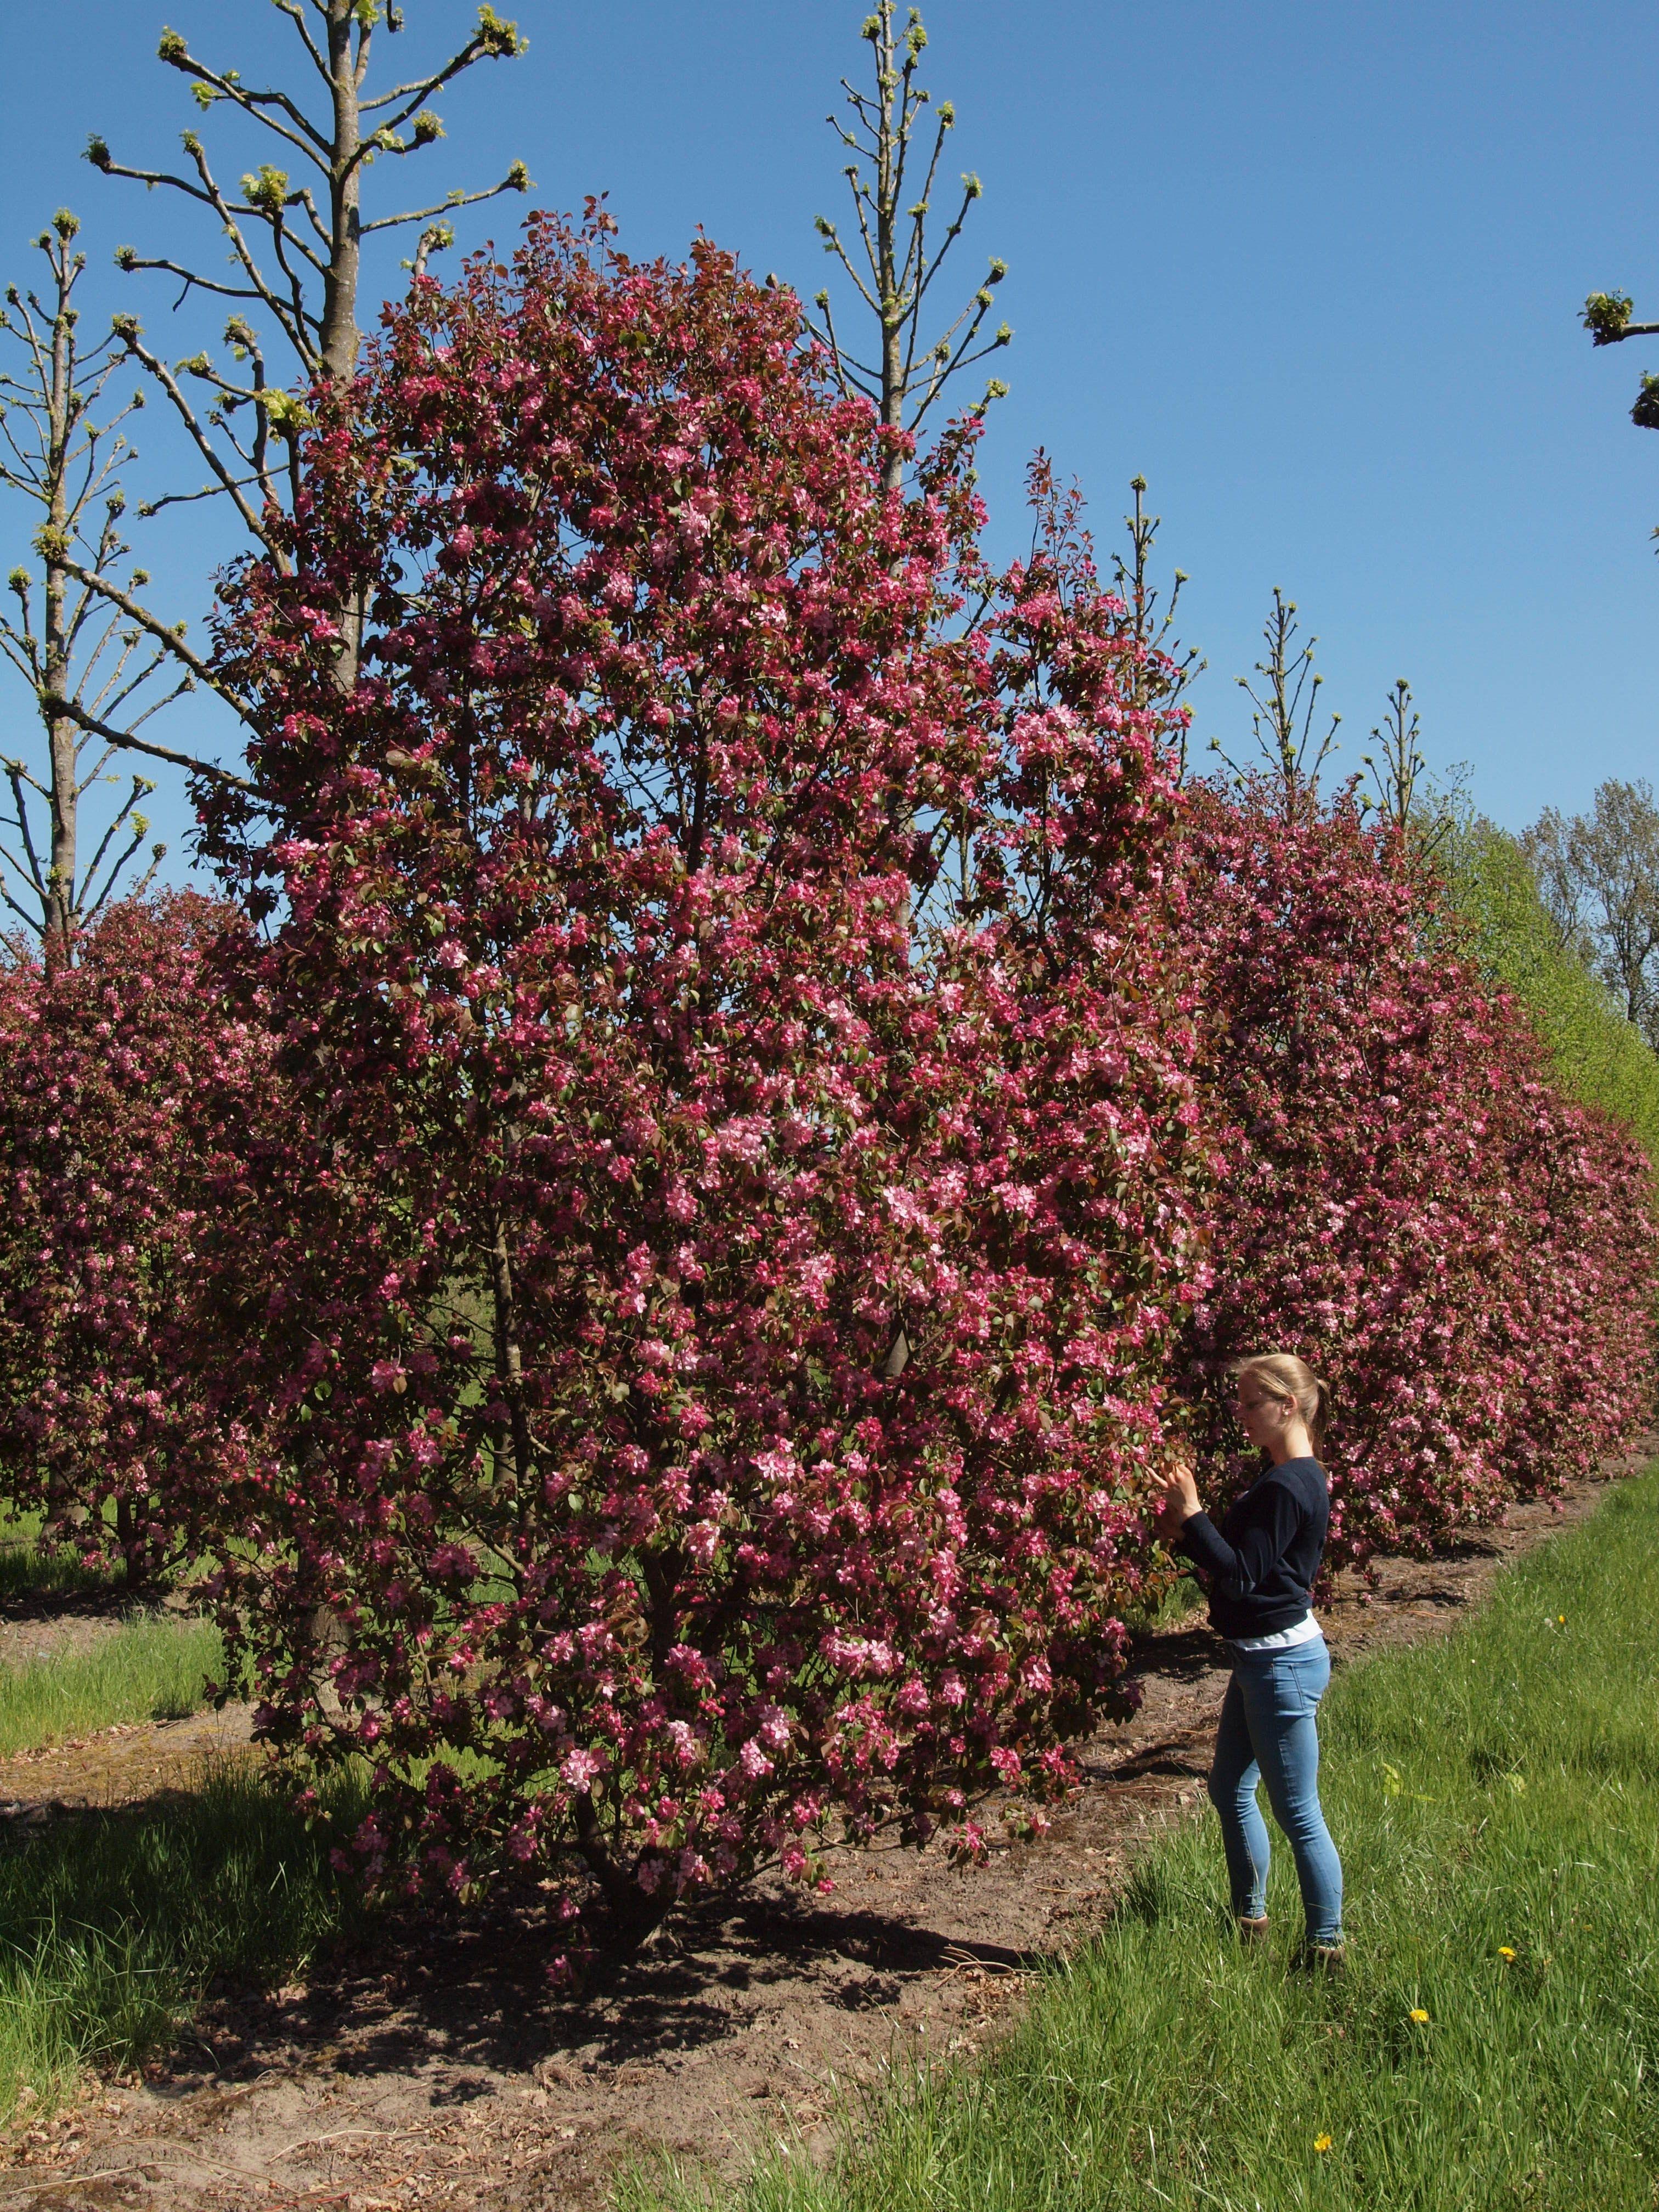 Rosa Bluhende Zierapfel Bei Vf Pflanzen In 2020 Pflanzen Zierapfel Gartengestaltung